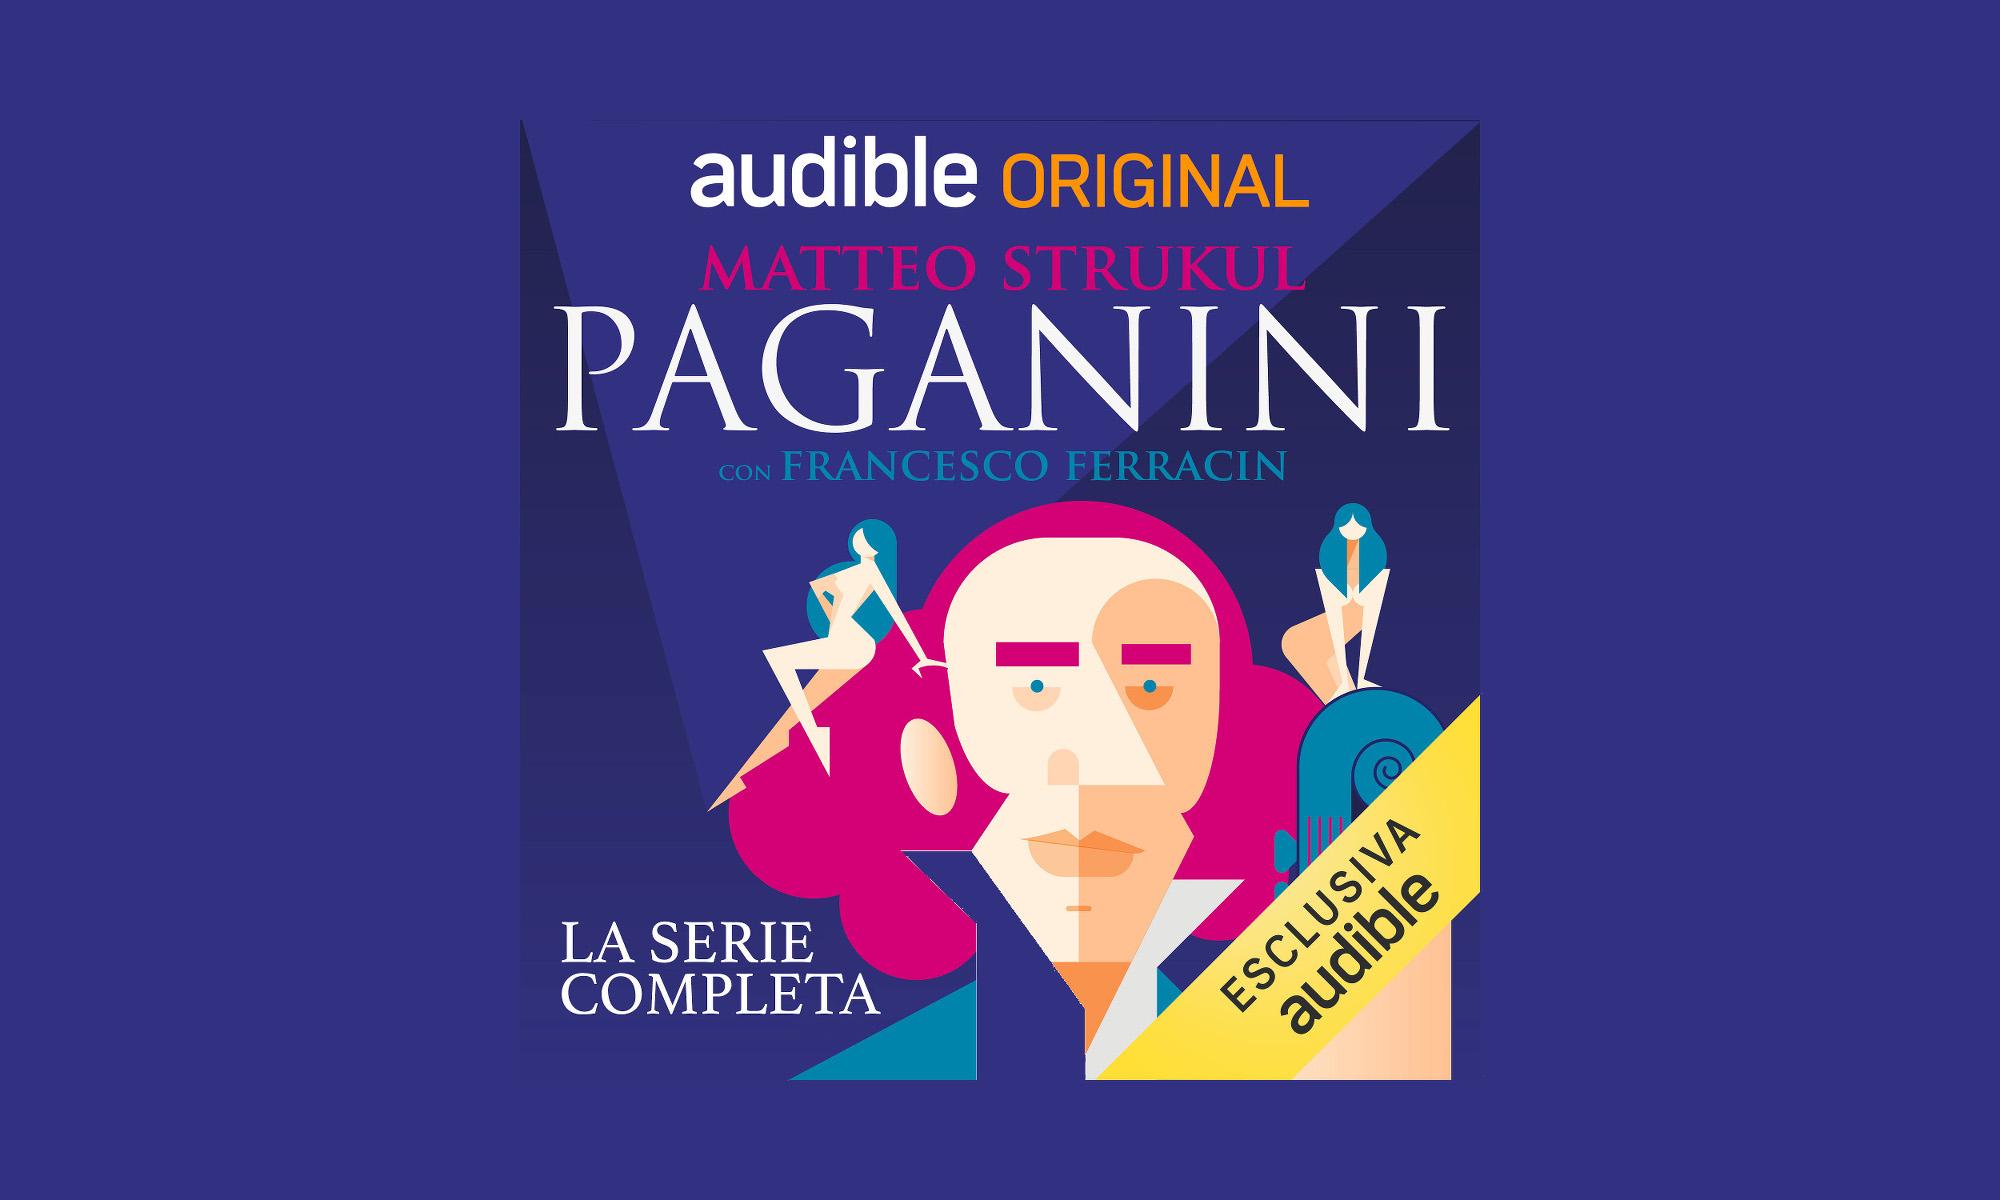 Paganini, la nuova serie Audible Original scritta da Matteo Strukul con Francesco Ferracin